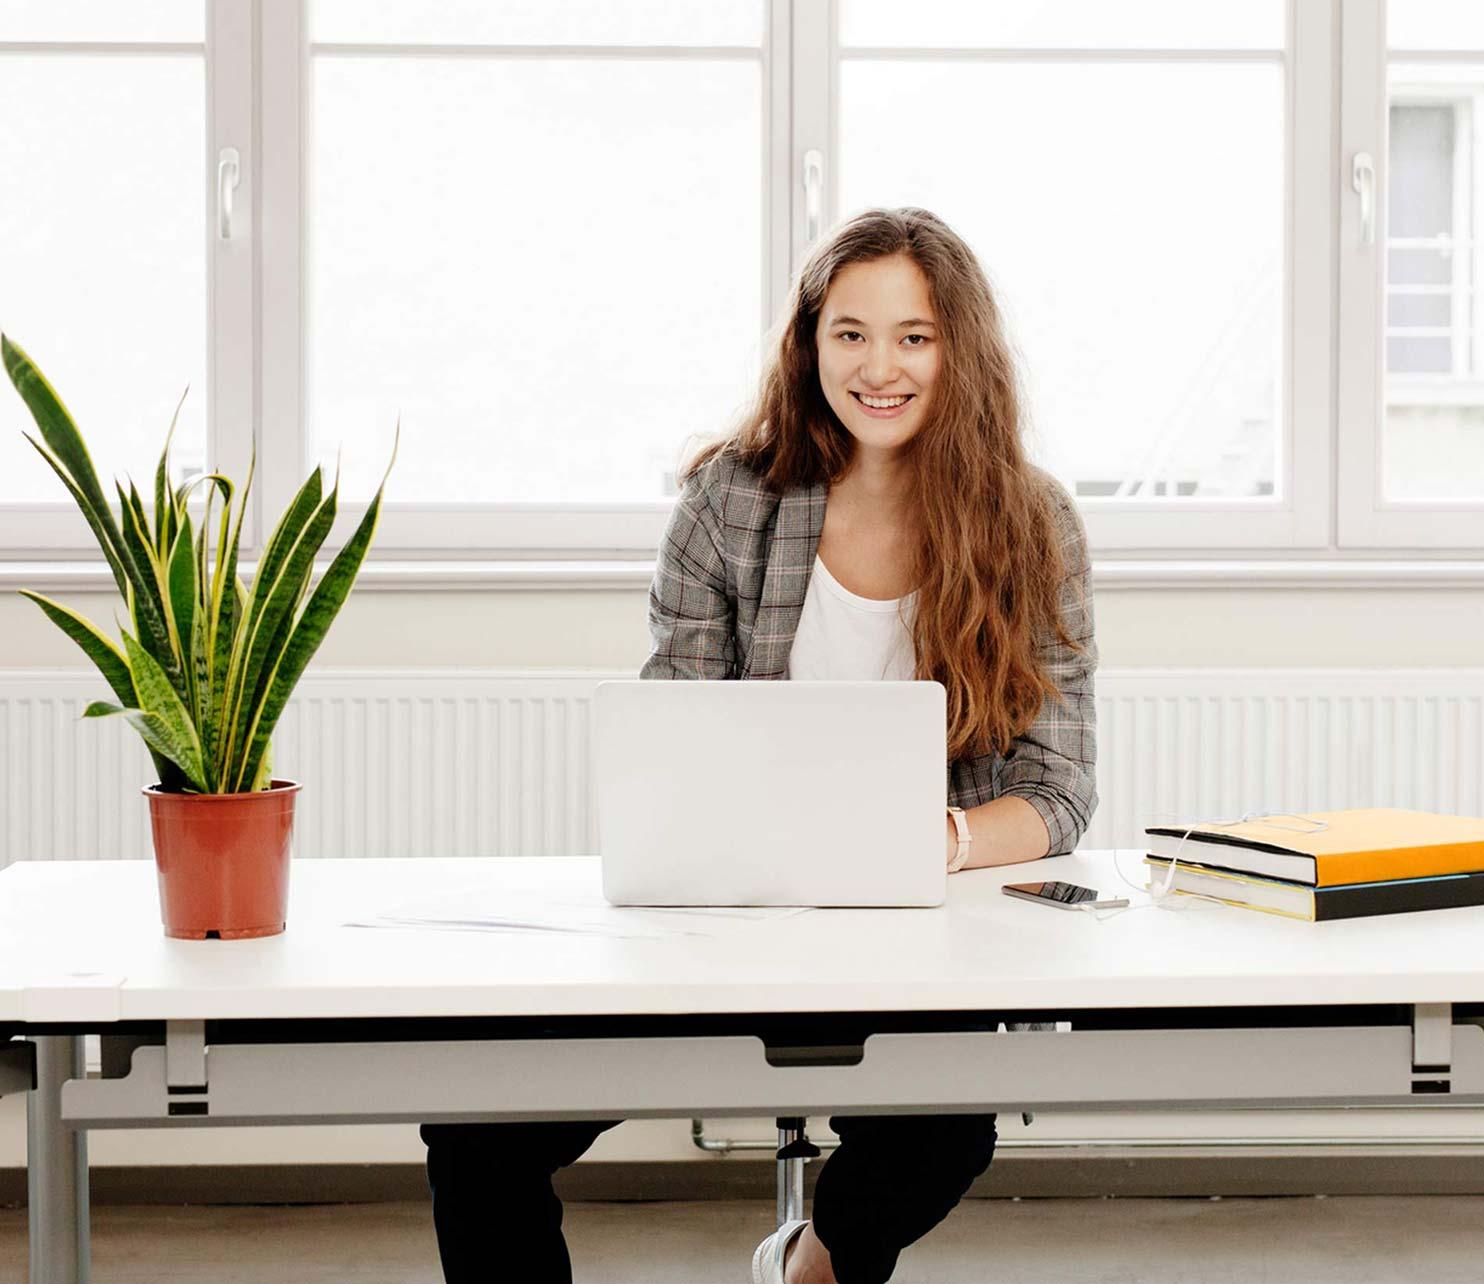 Ausbildung mit Fachabitur Praktische Alternative zum Studium ...